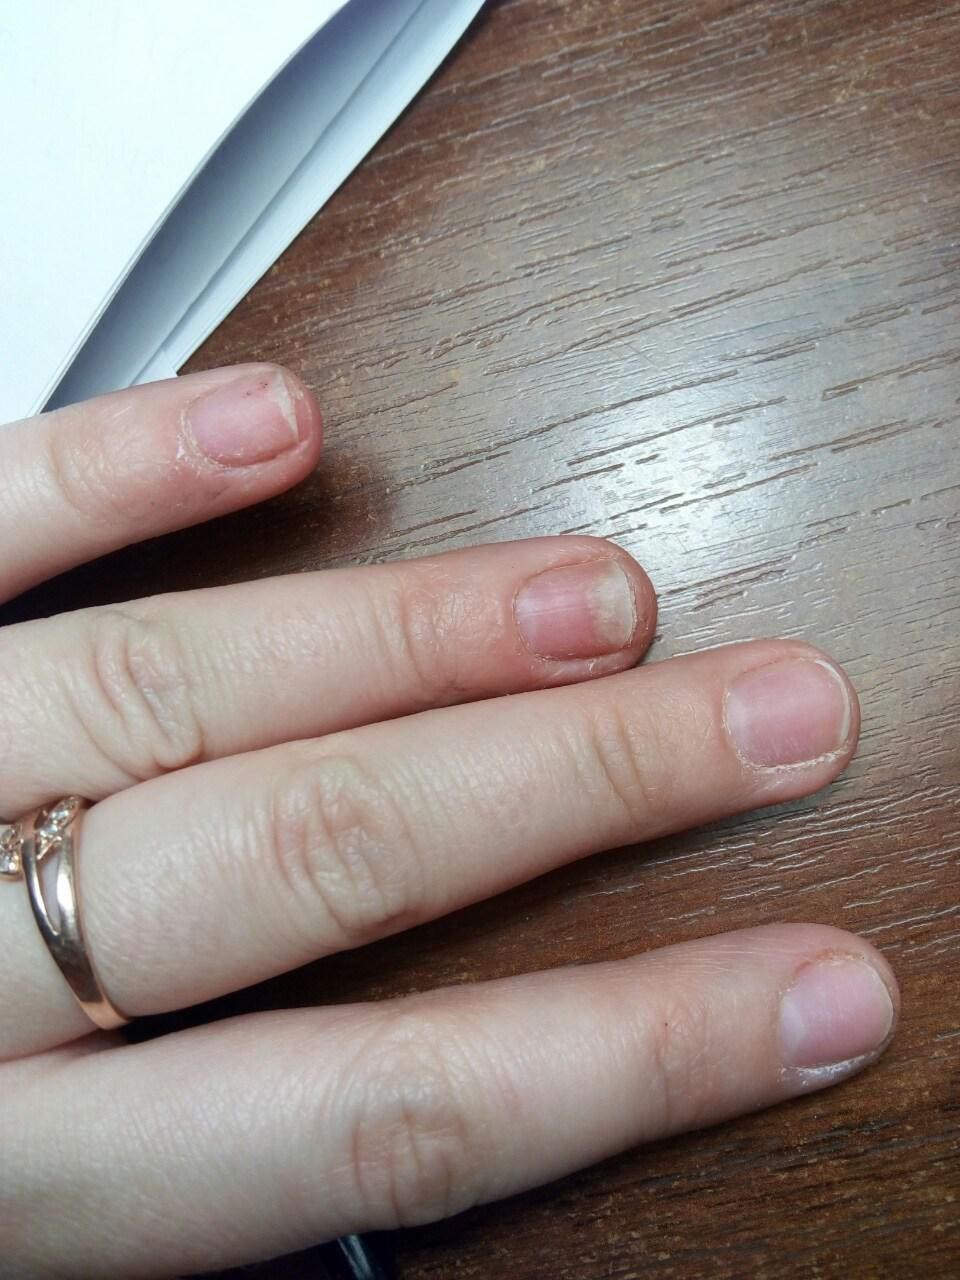 Ногти на руках отходят от кожи фото